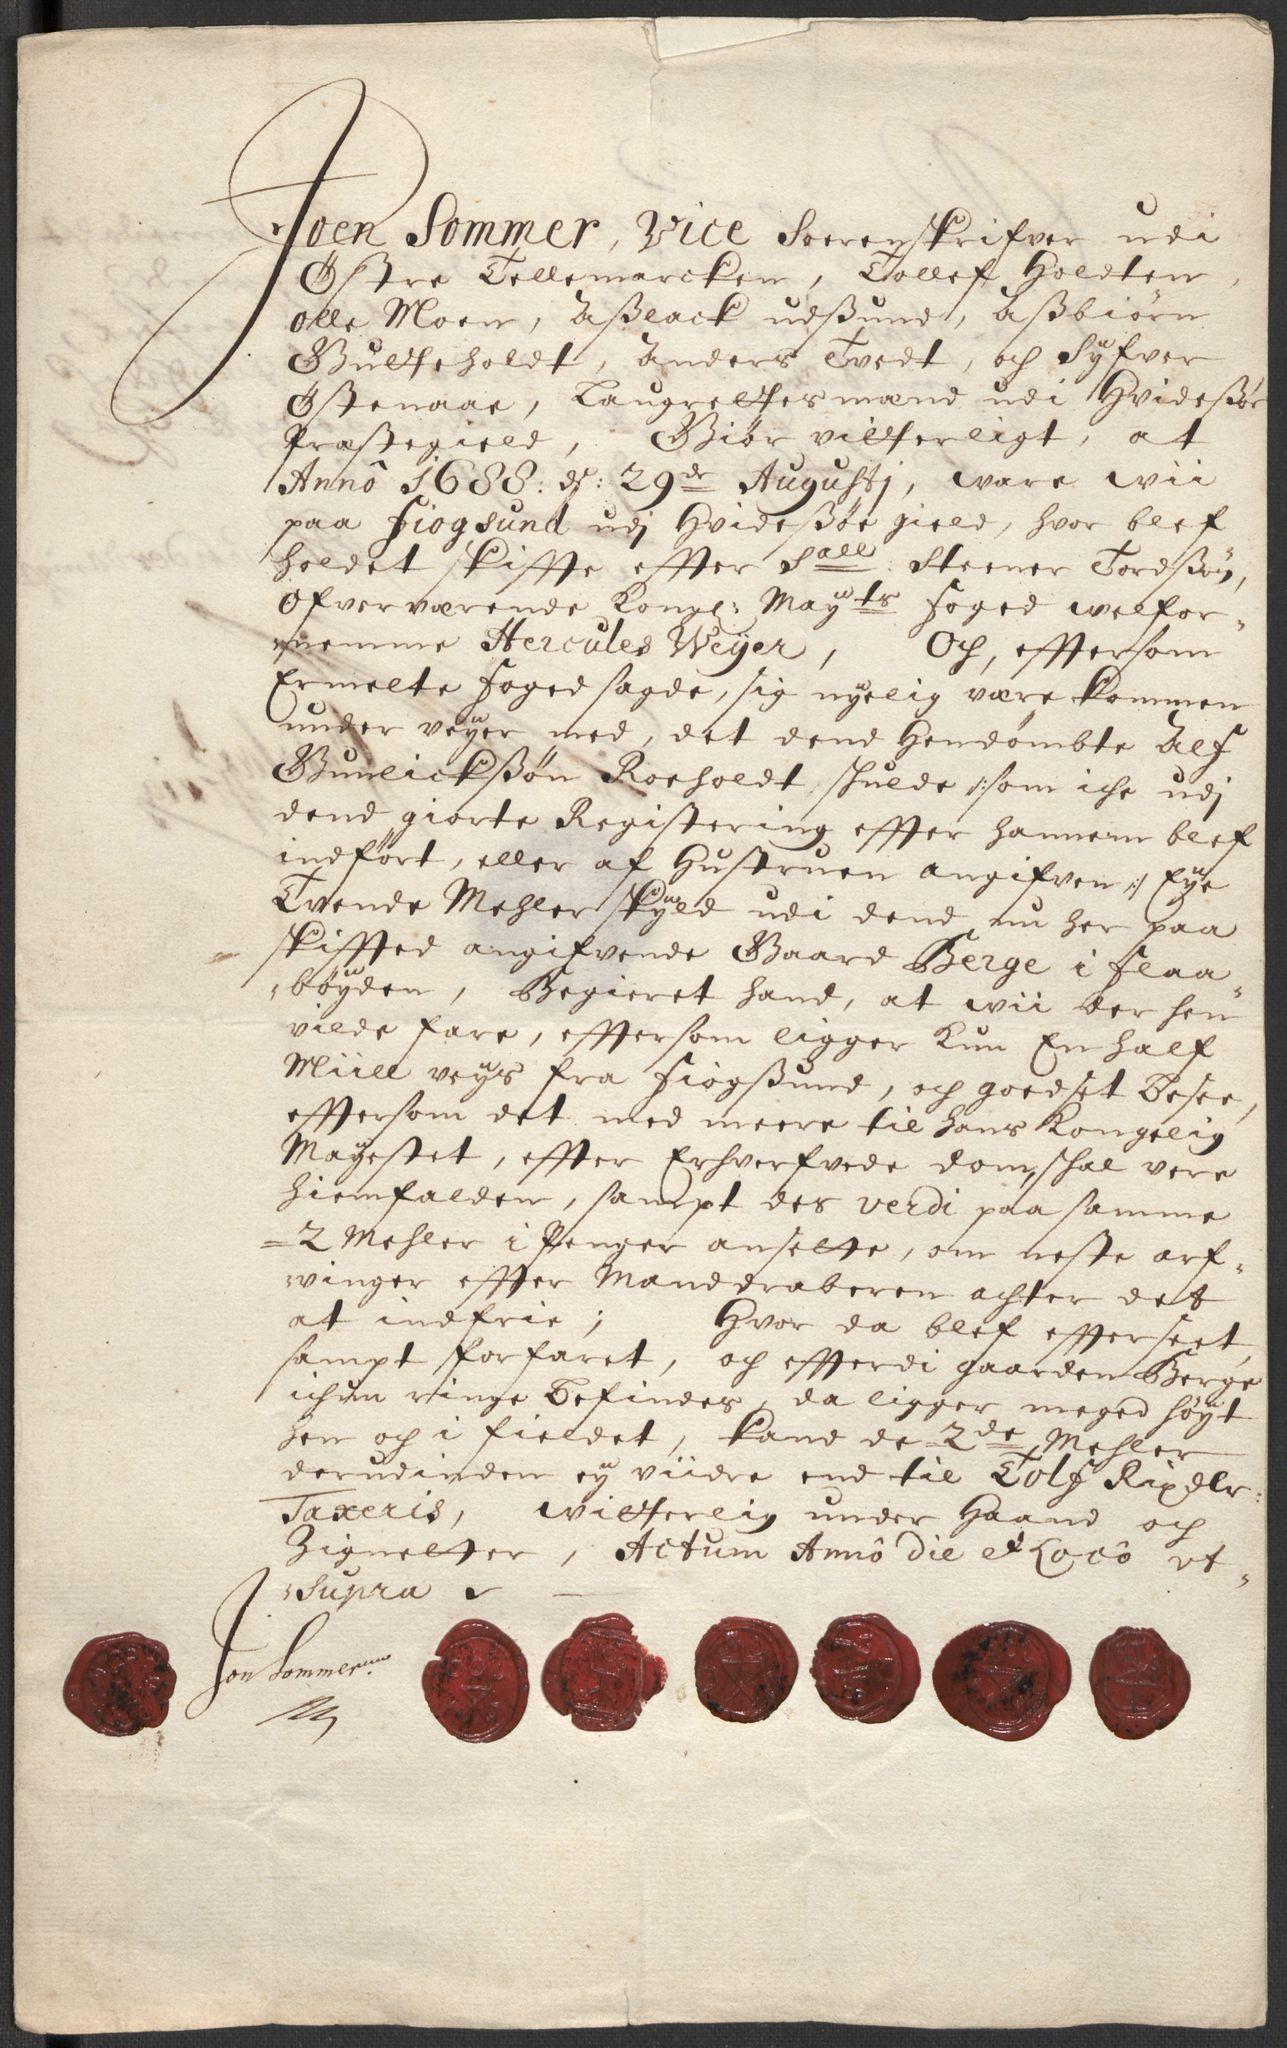 RA, Rentekammeret inntil 1814, Reviderte regnskaper, Fogderegnskap, R35/L2087: Fogderegnskap Øvre og Nedre Telemark, 1687-1689, s. 3